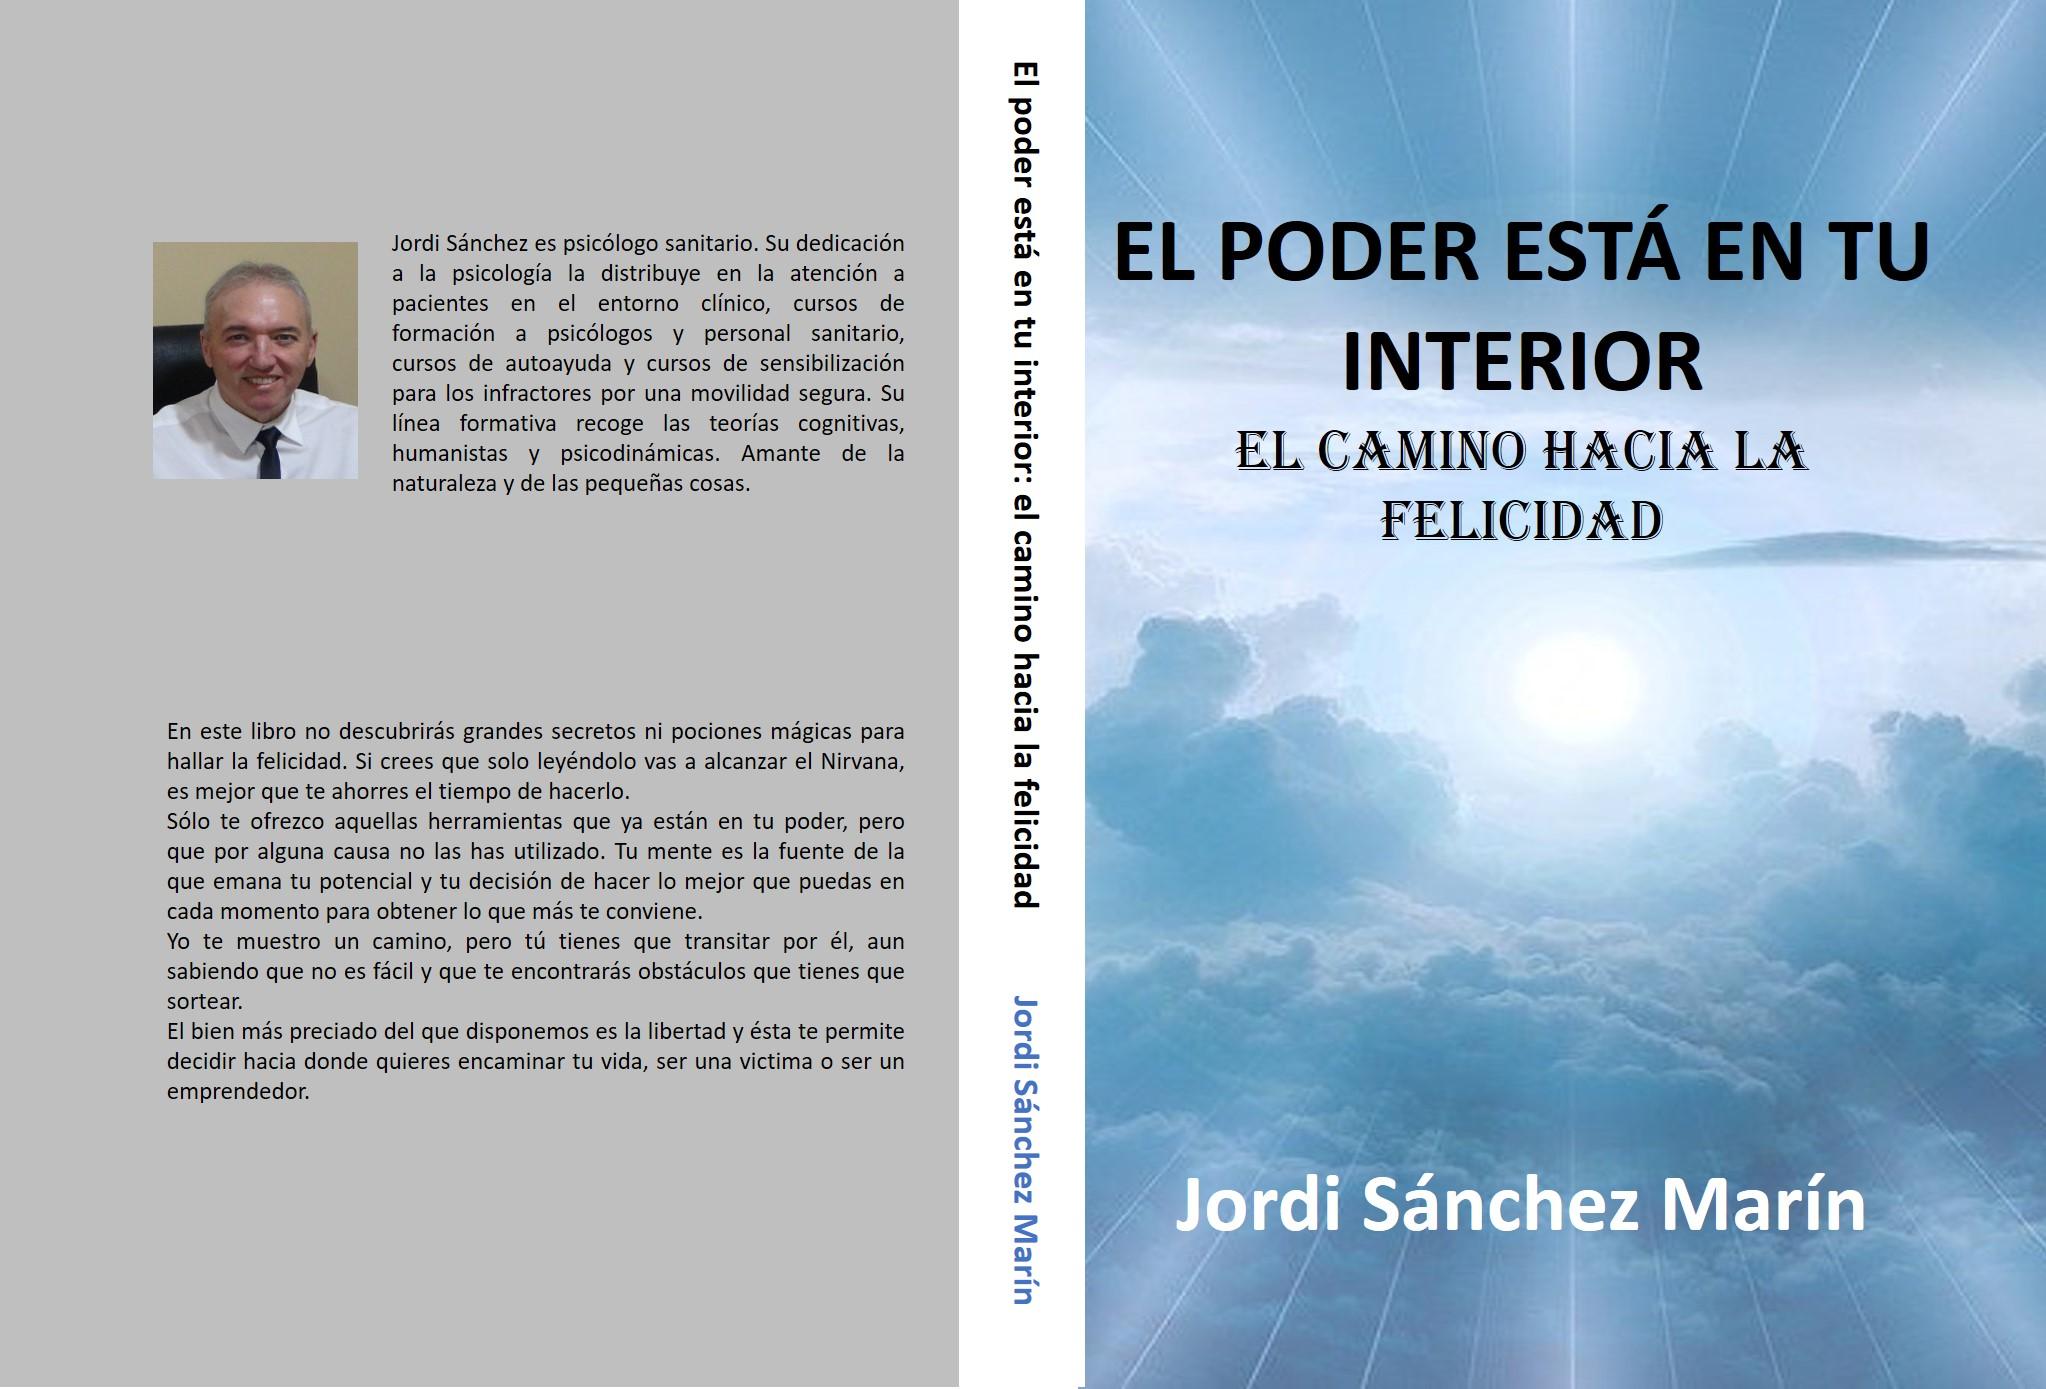 Libro autoayuda Jordi Sánchez